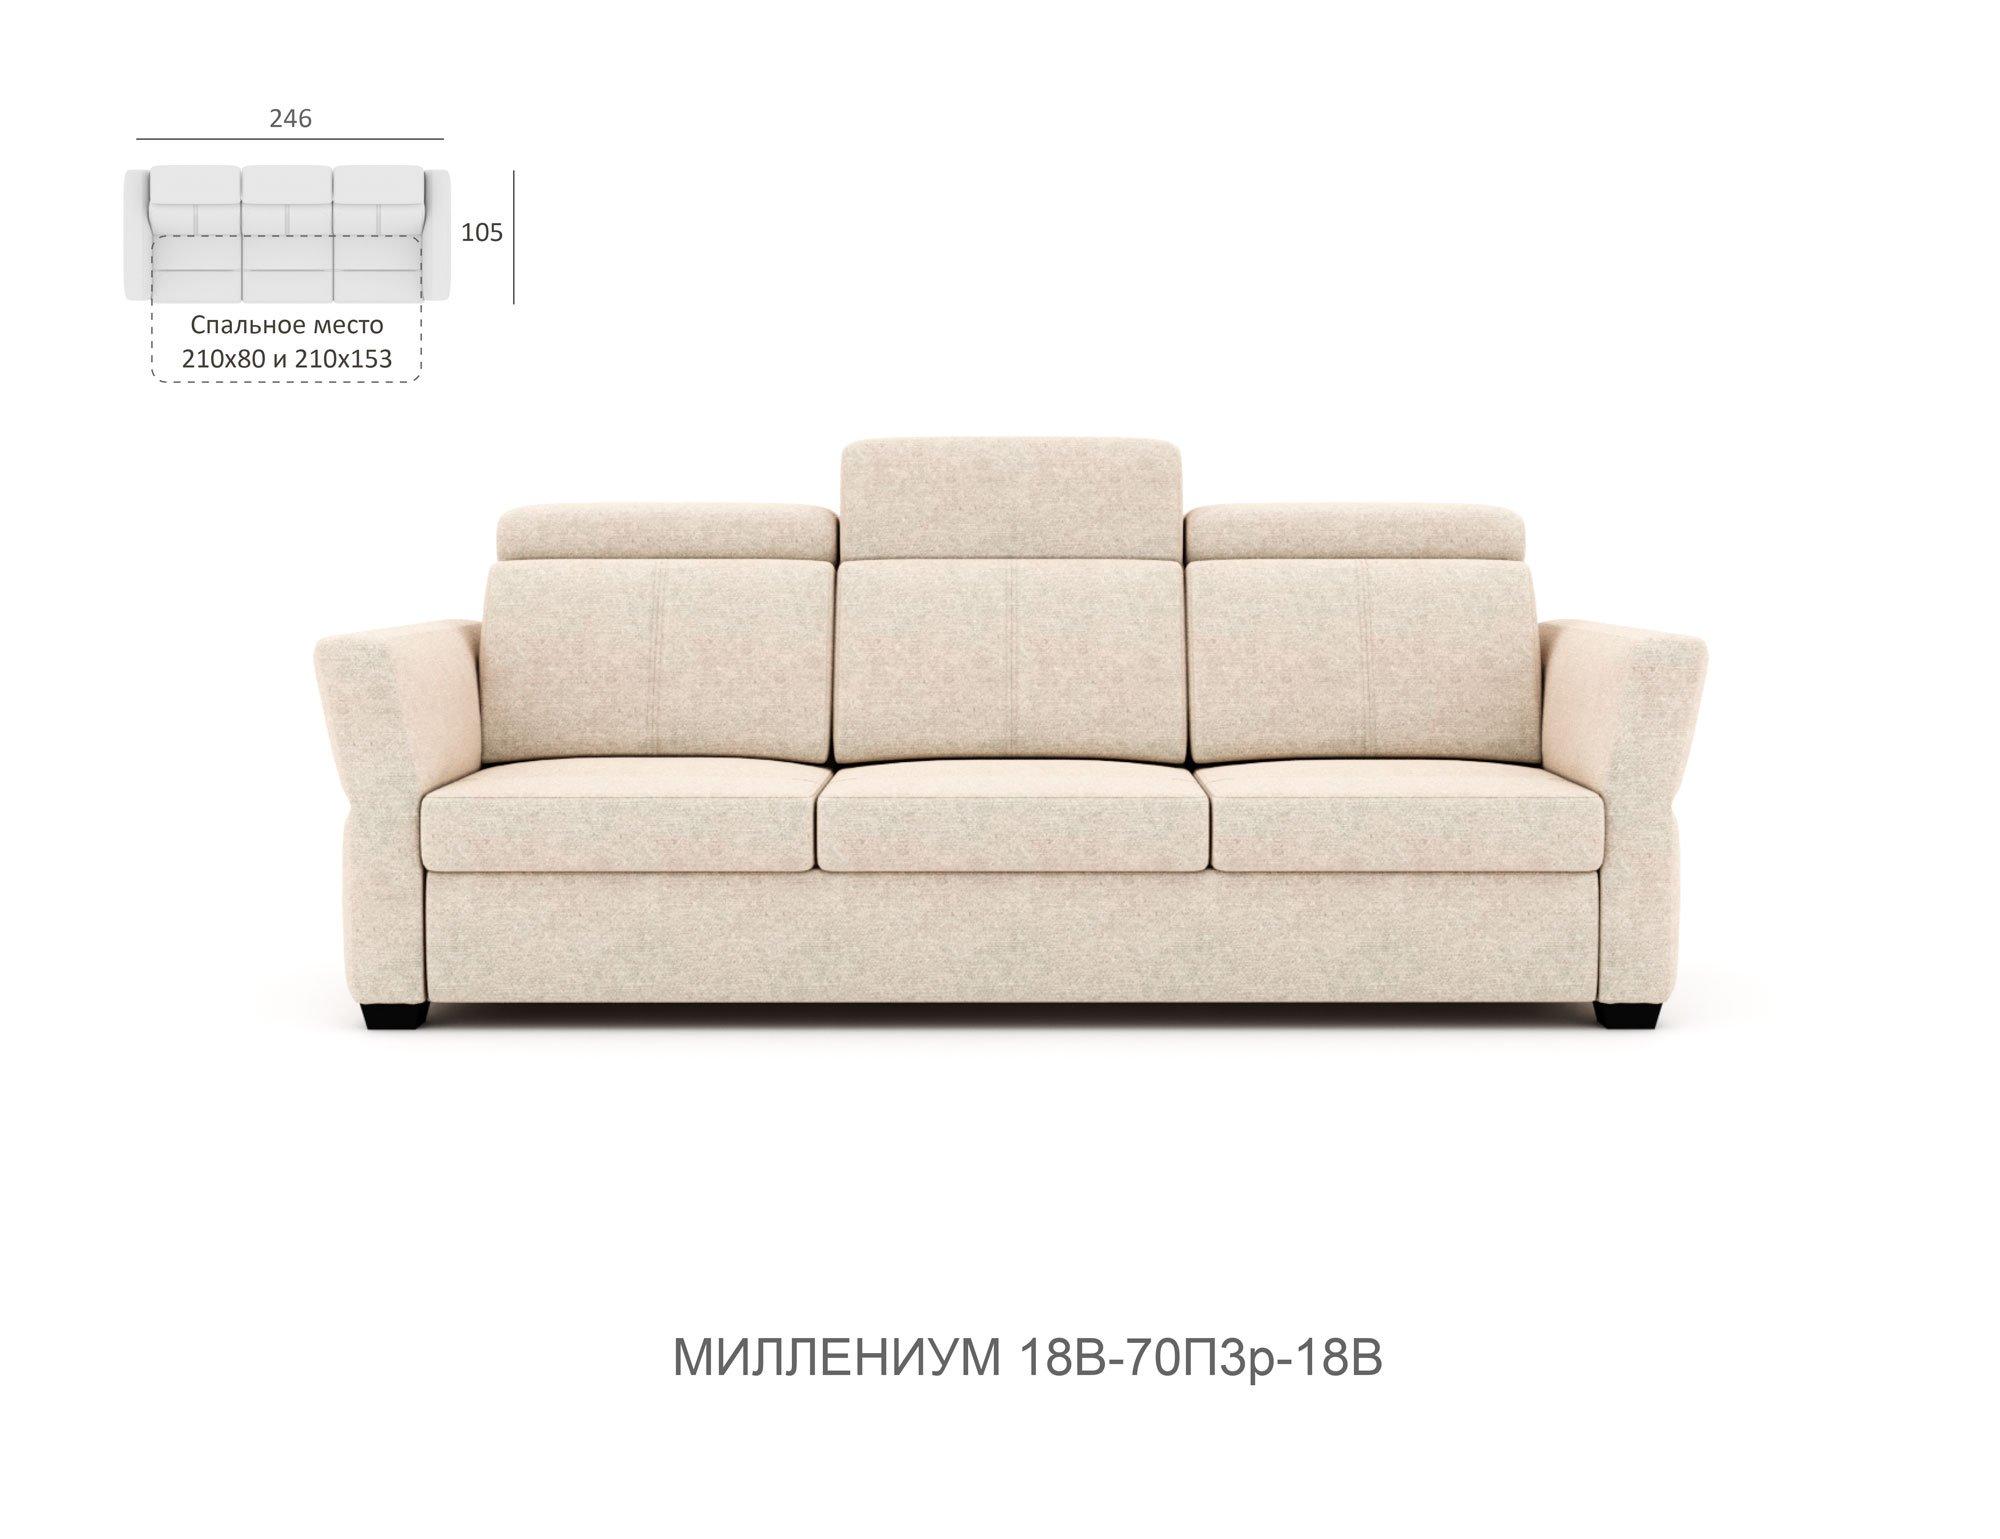 Миллениум 18В-70П3р-18В